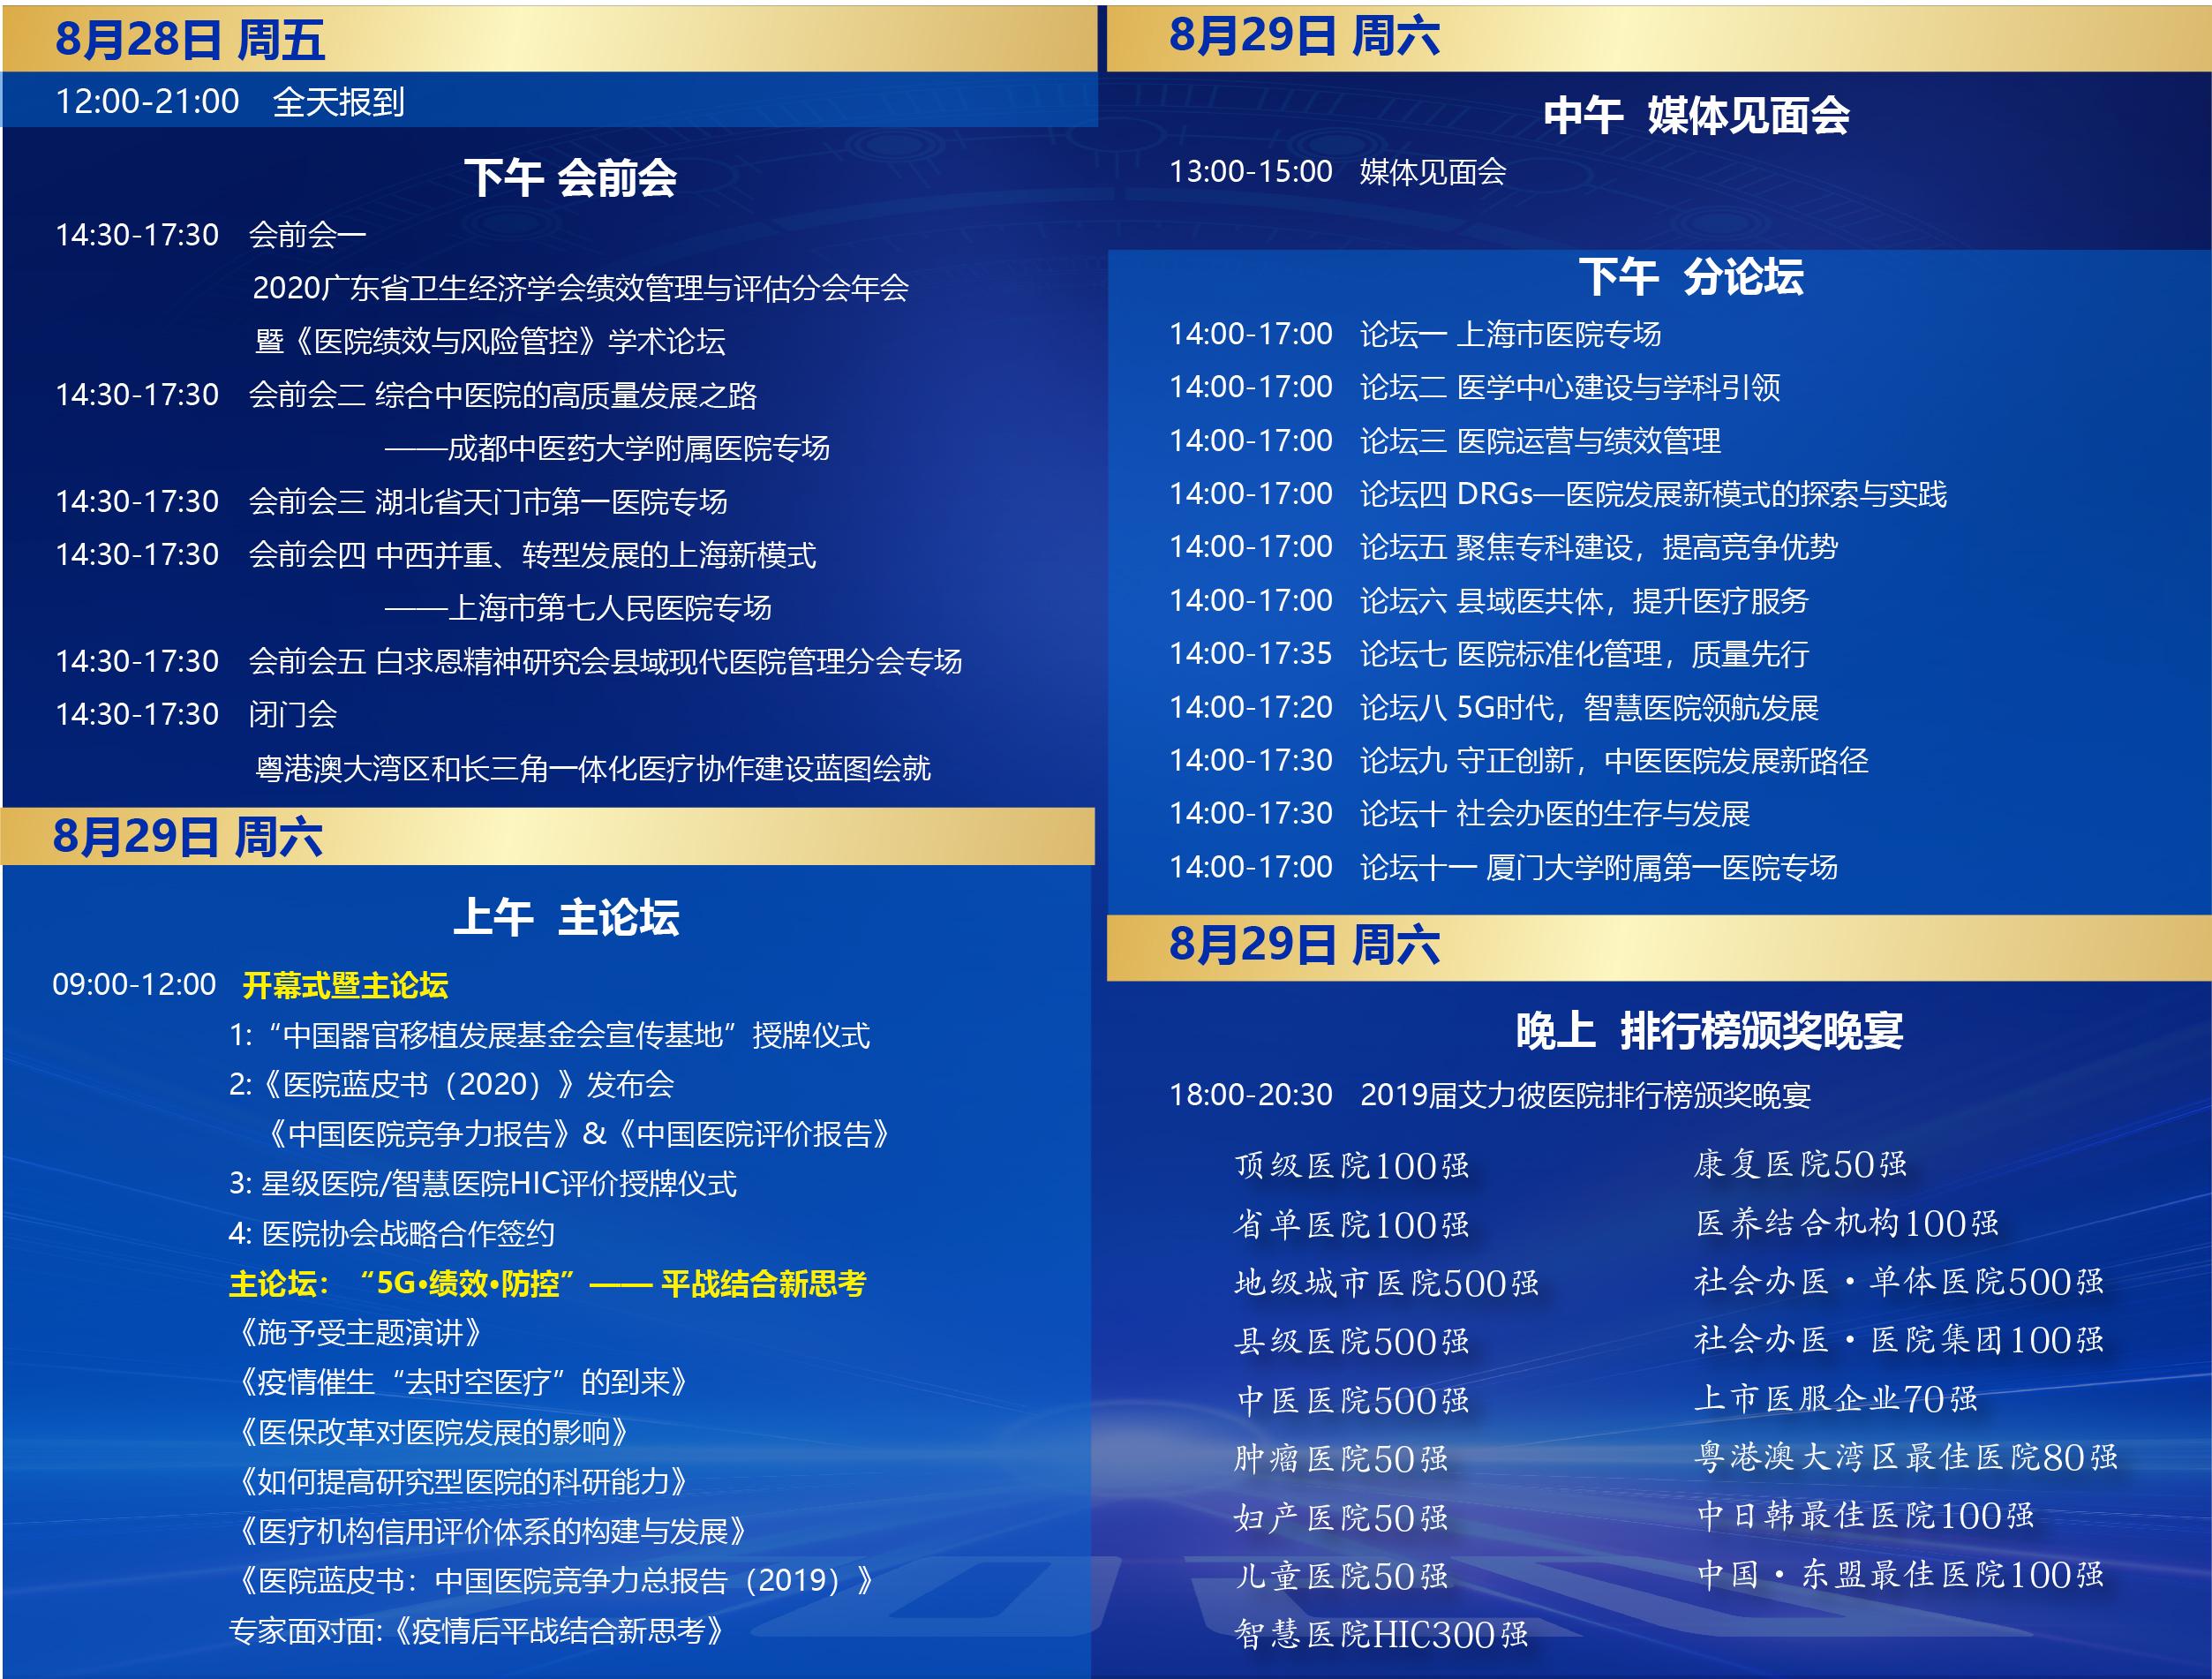 2020中國醫院競爭力大會